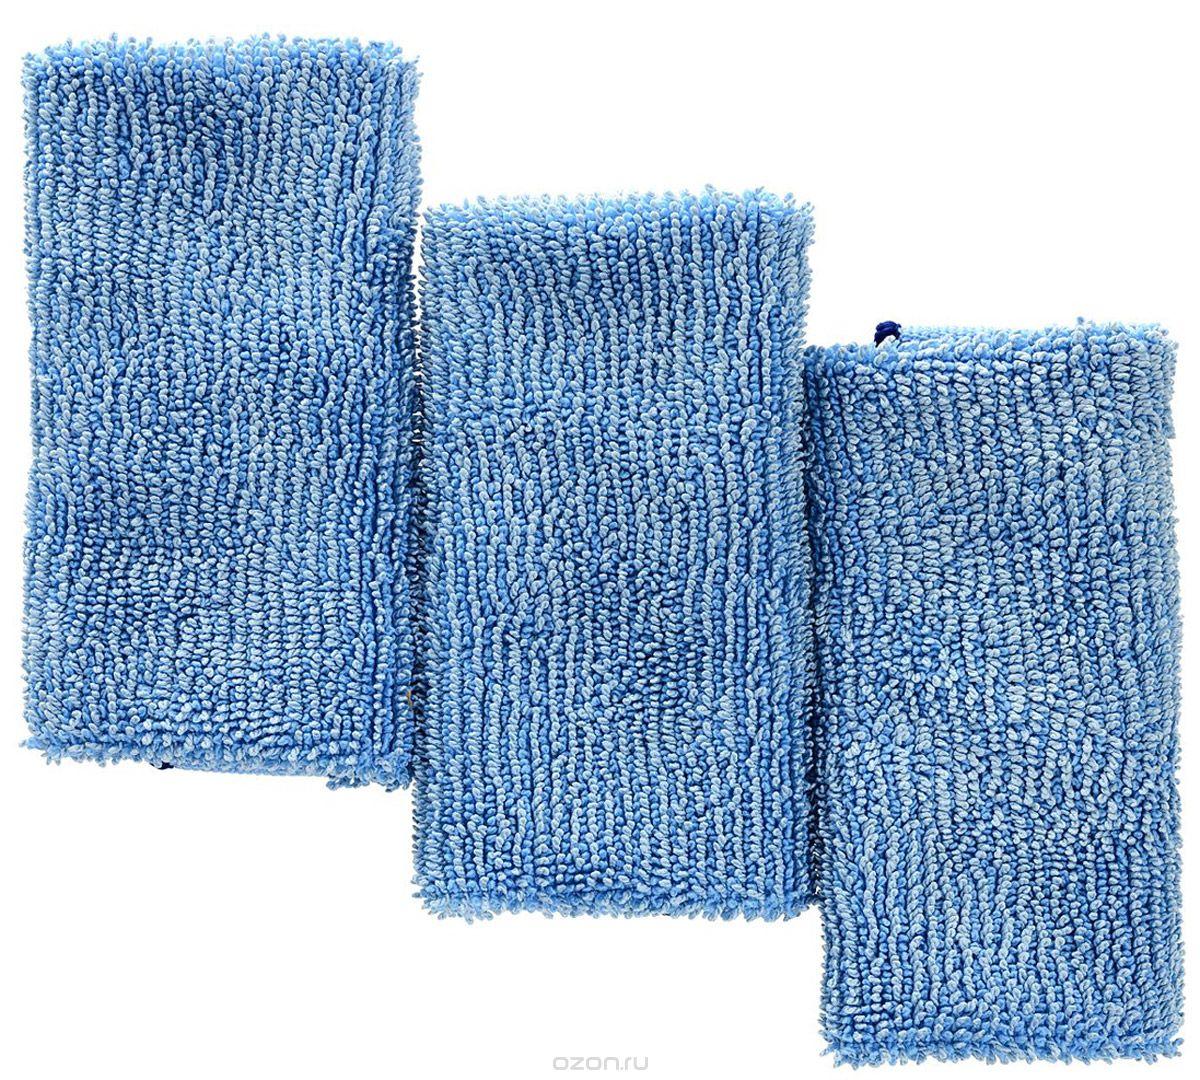 цена на iRobot набор многоразовых салфеток для влажной уборки для Braava 380/390T